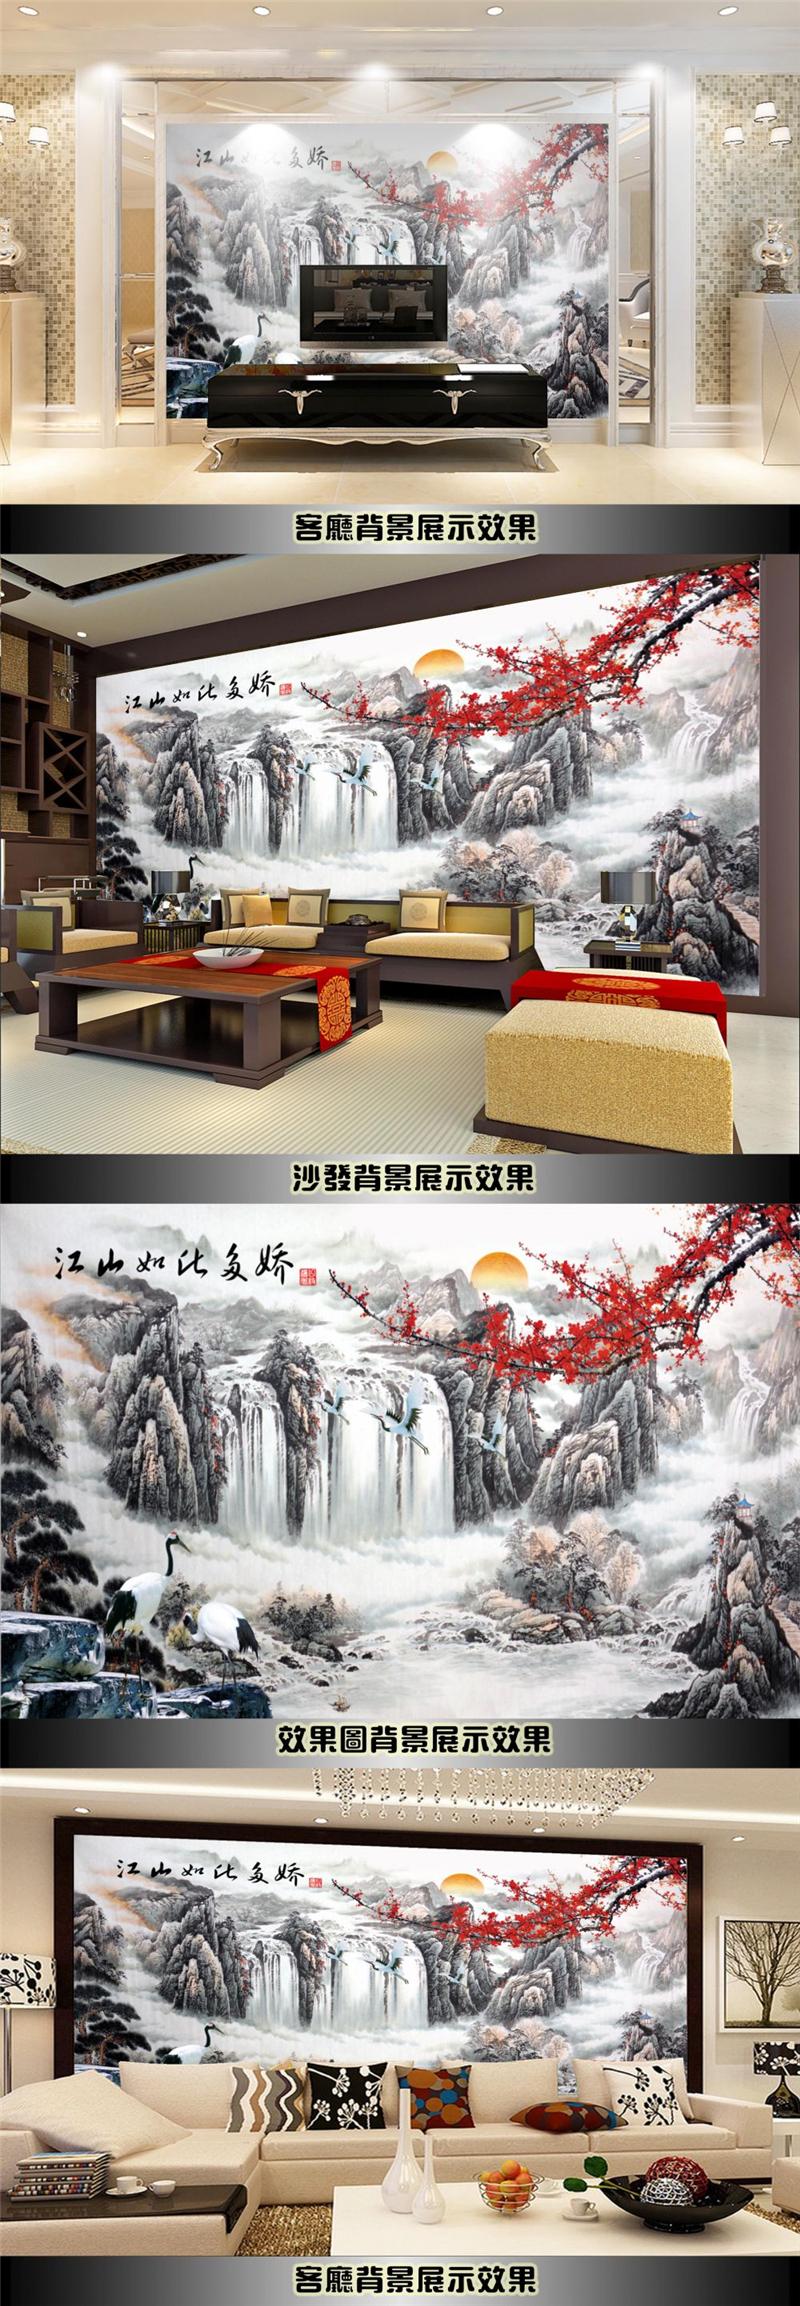 江山如此多娇大理石电视背景墙